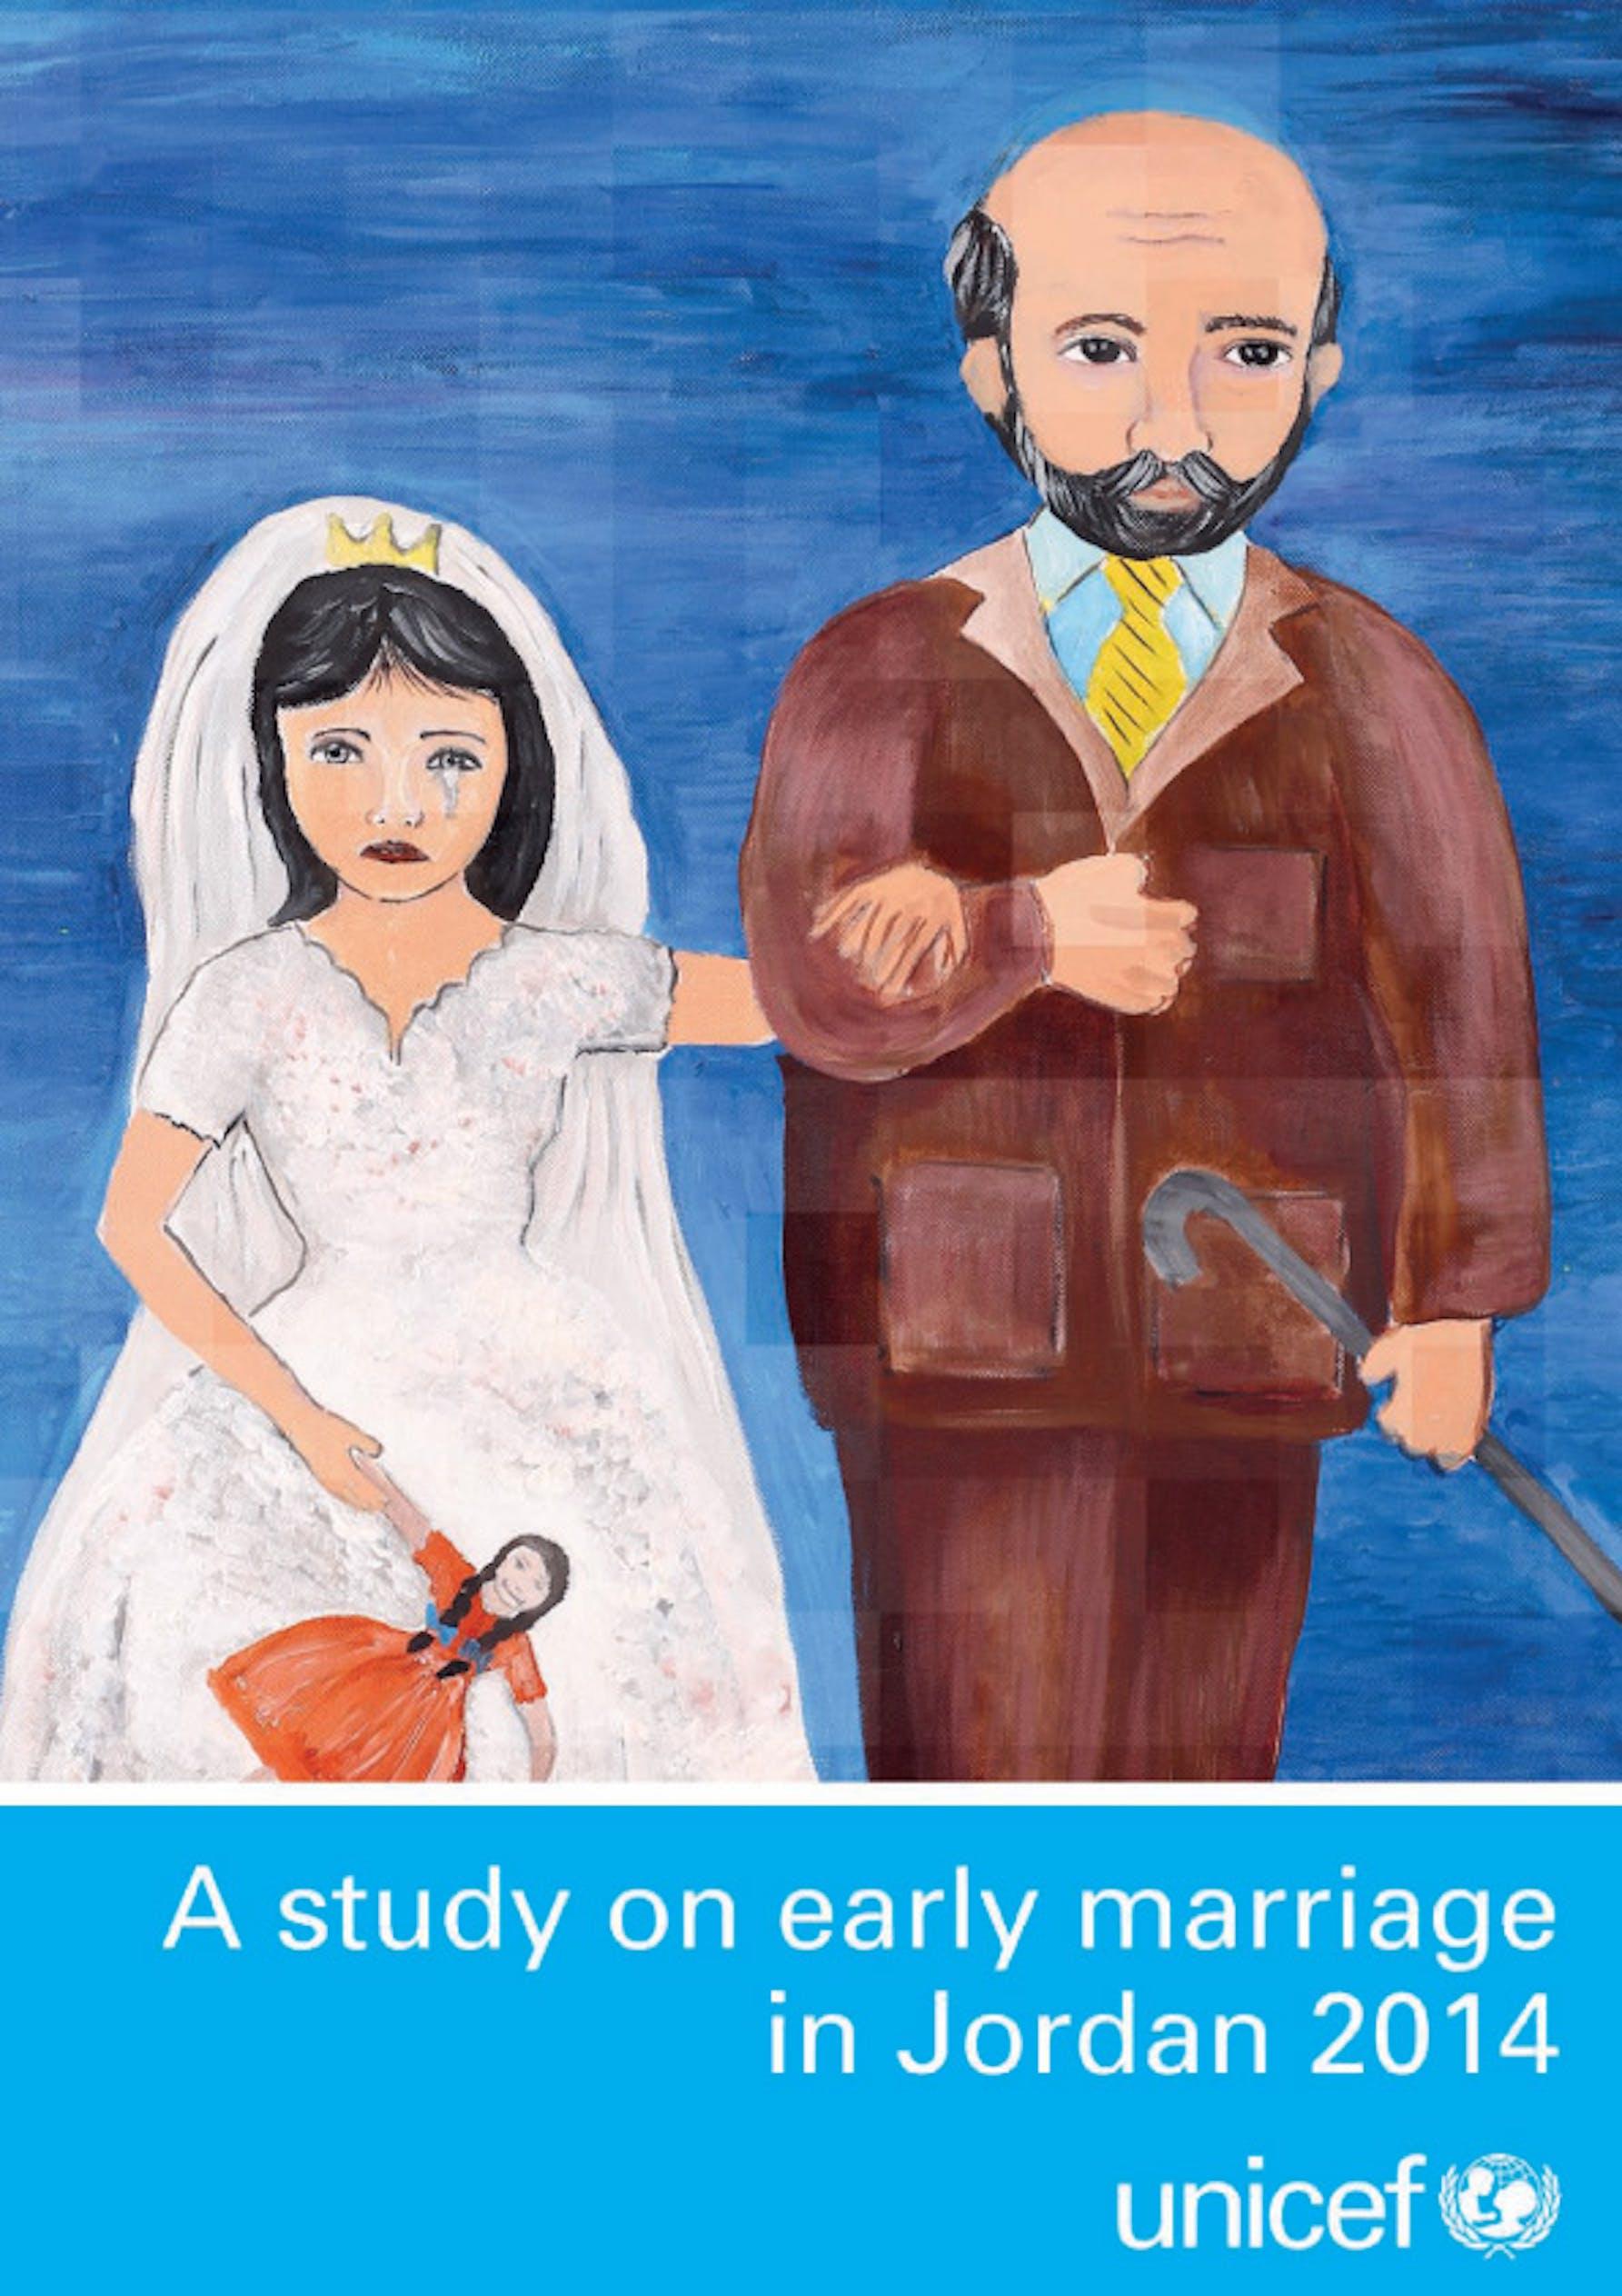 La copertina dello studio UNICEF sui matrimoni precoci in Giordania